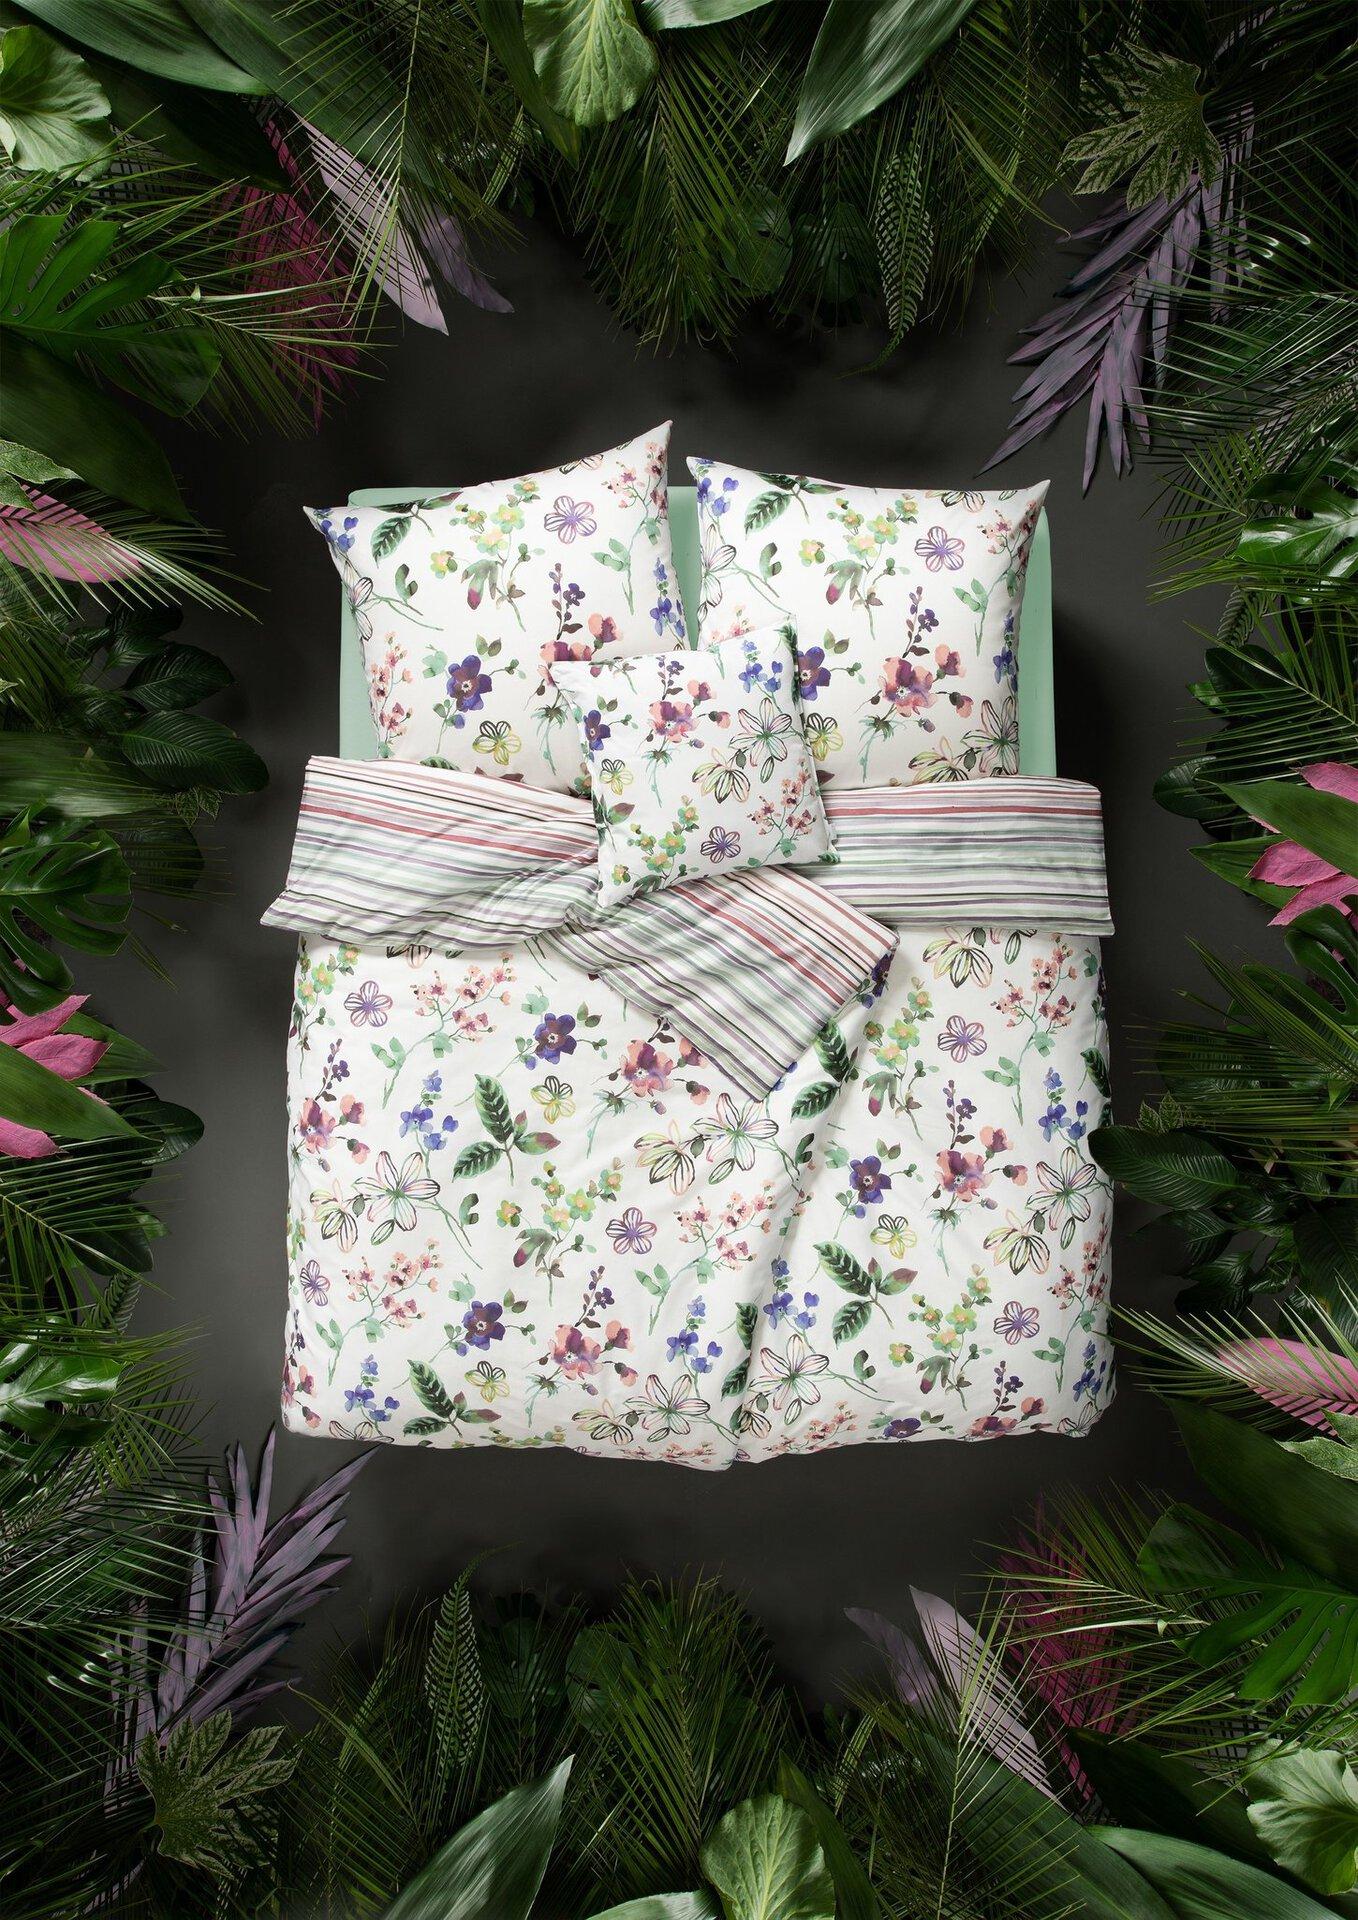 Satin-Bettwäsche Lilly Estella Textil mehrfarbig 1 x 2 cm